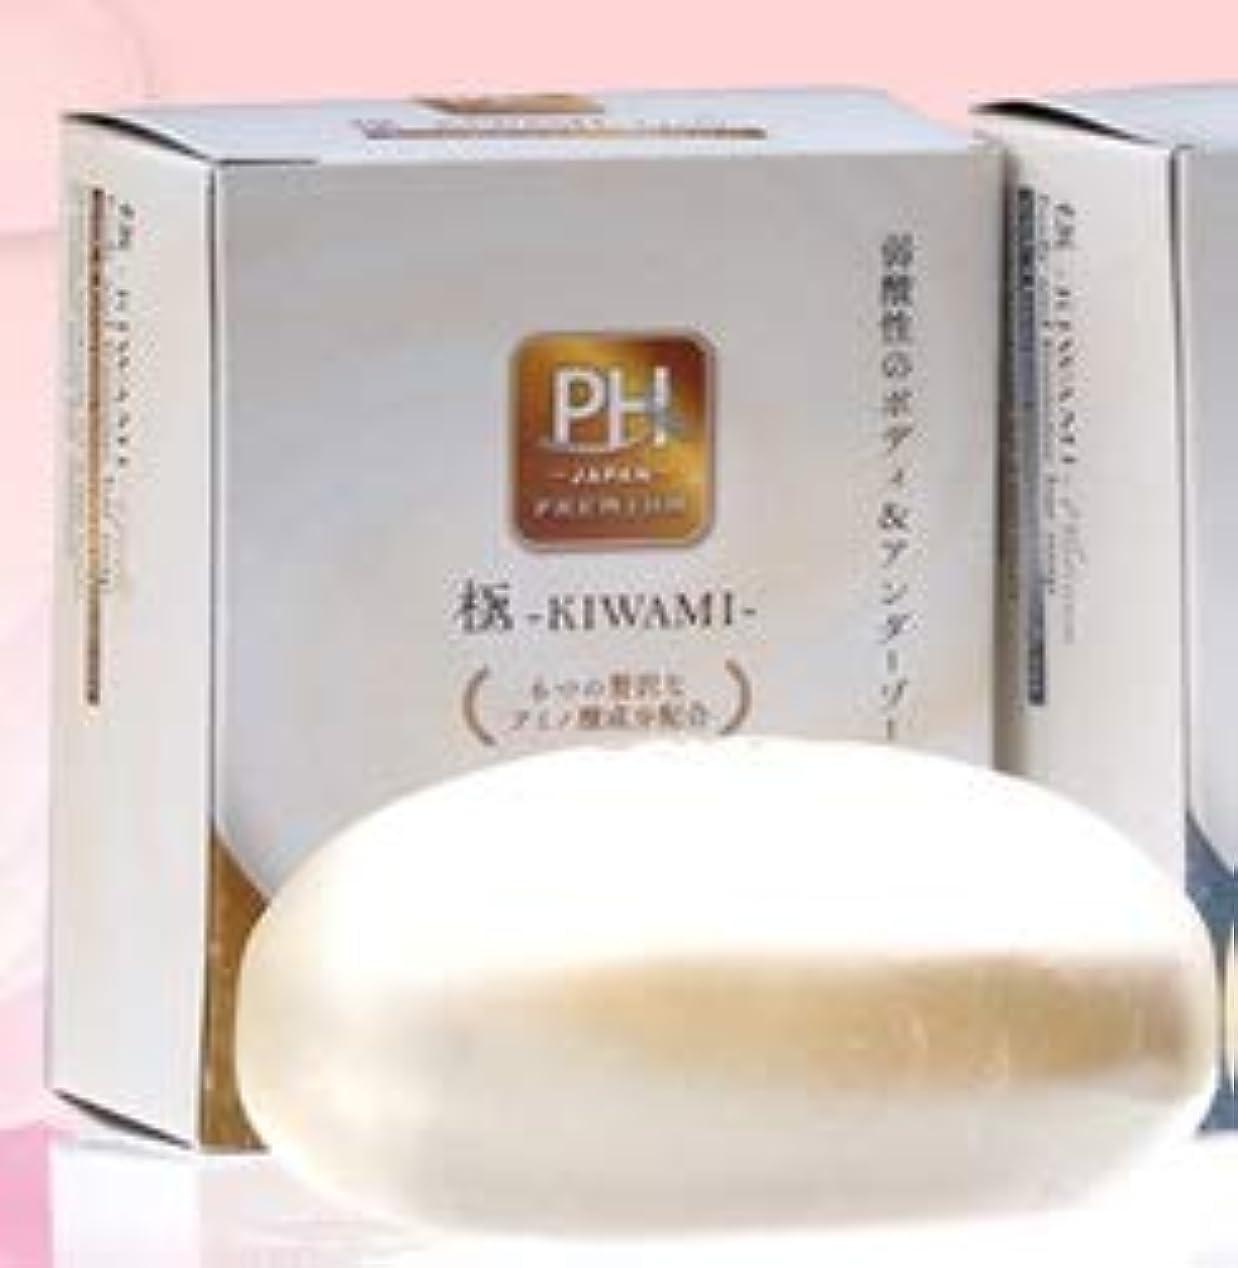 めったにあごひげ頭弱酸性アミノ酸 透明固形石けん 極-KIWAMI-ゴールド